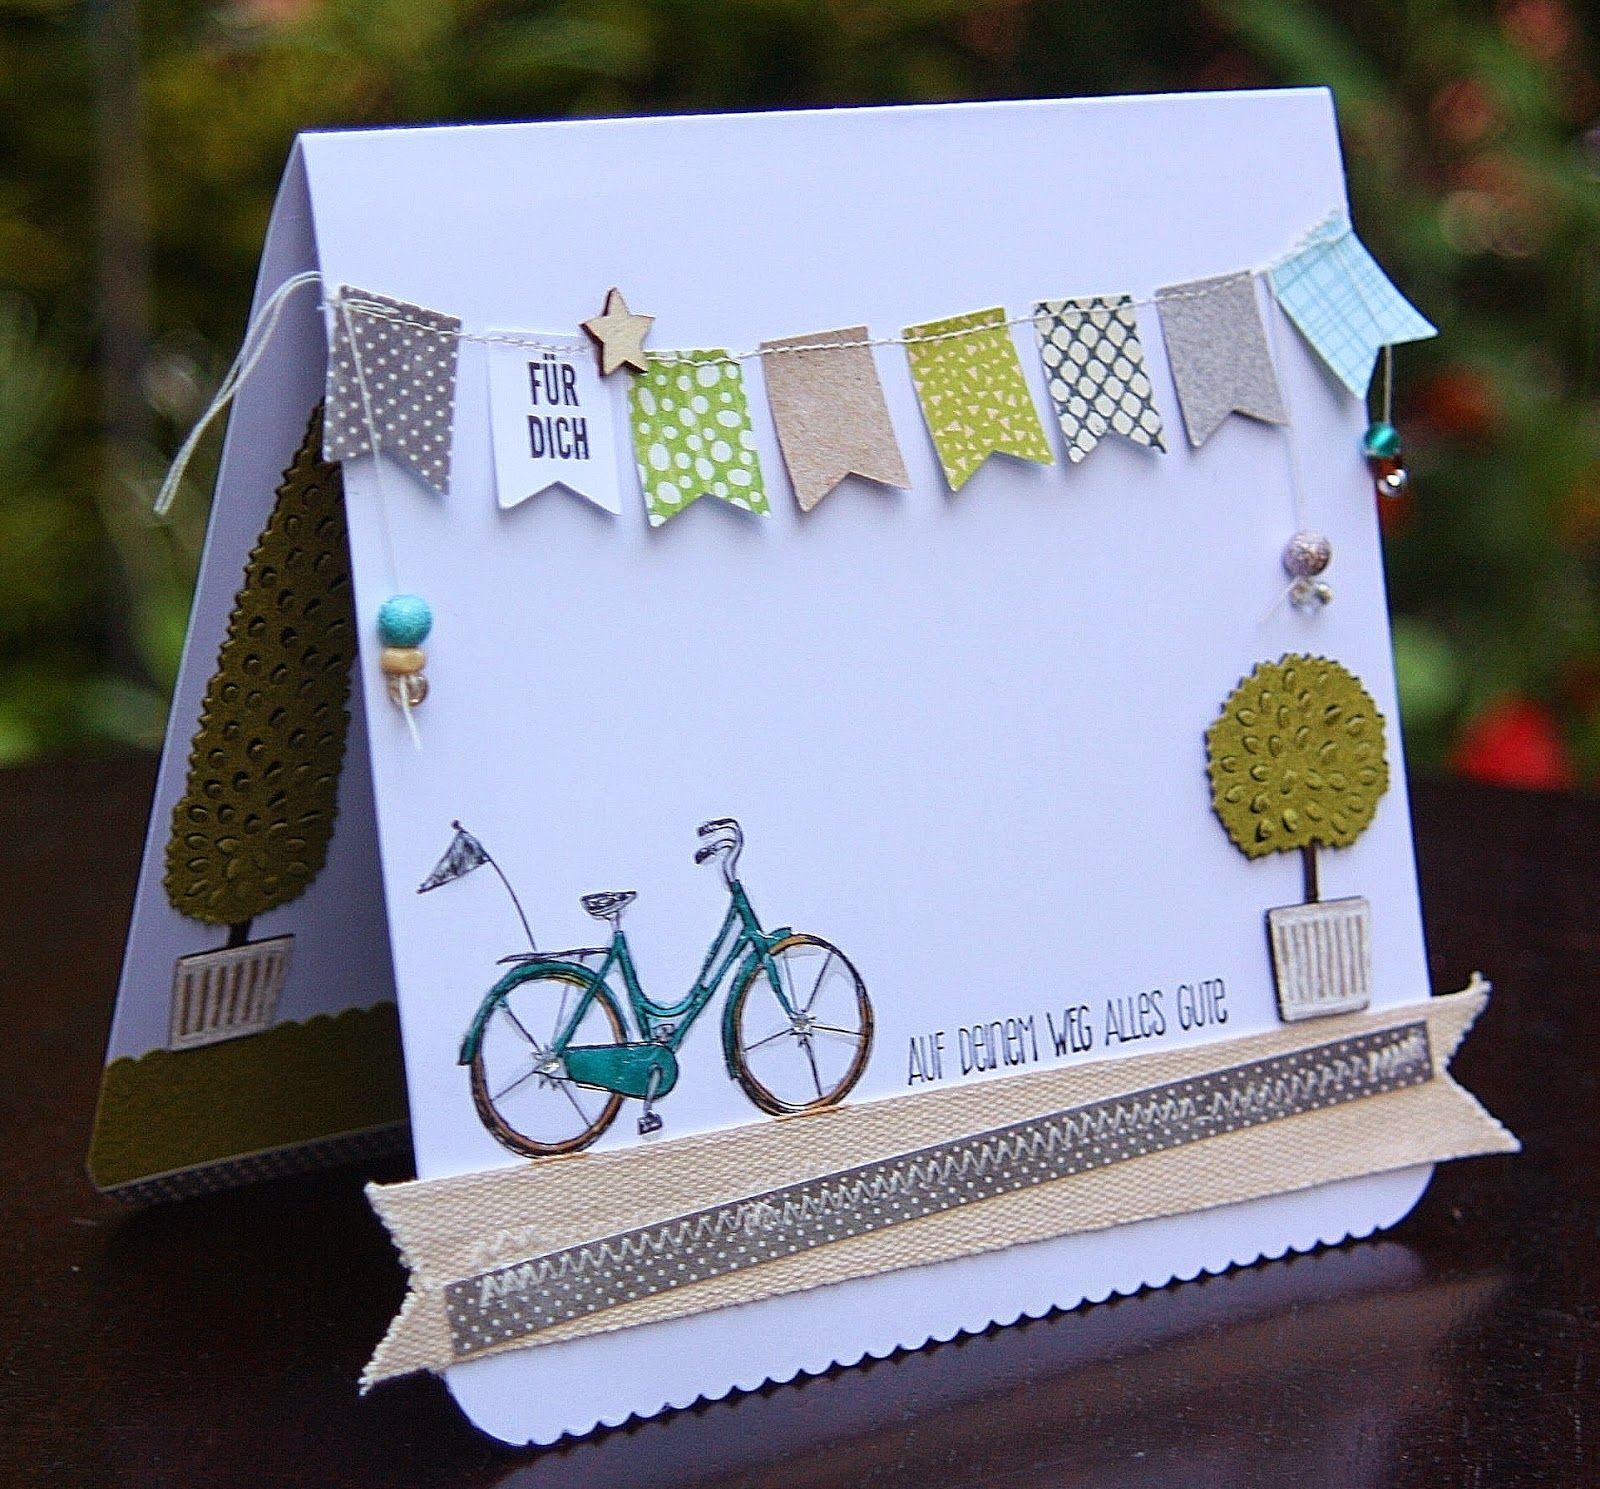 life 39 s adventures stampin up hostess stempeltatze auf deinem weg alles gute stampinup. Black Bedroom Furniture Sets. Home Design Ideas